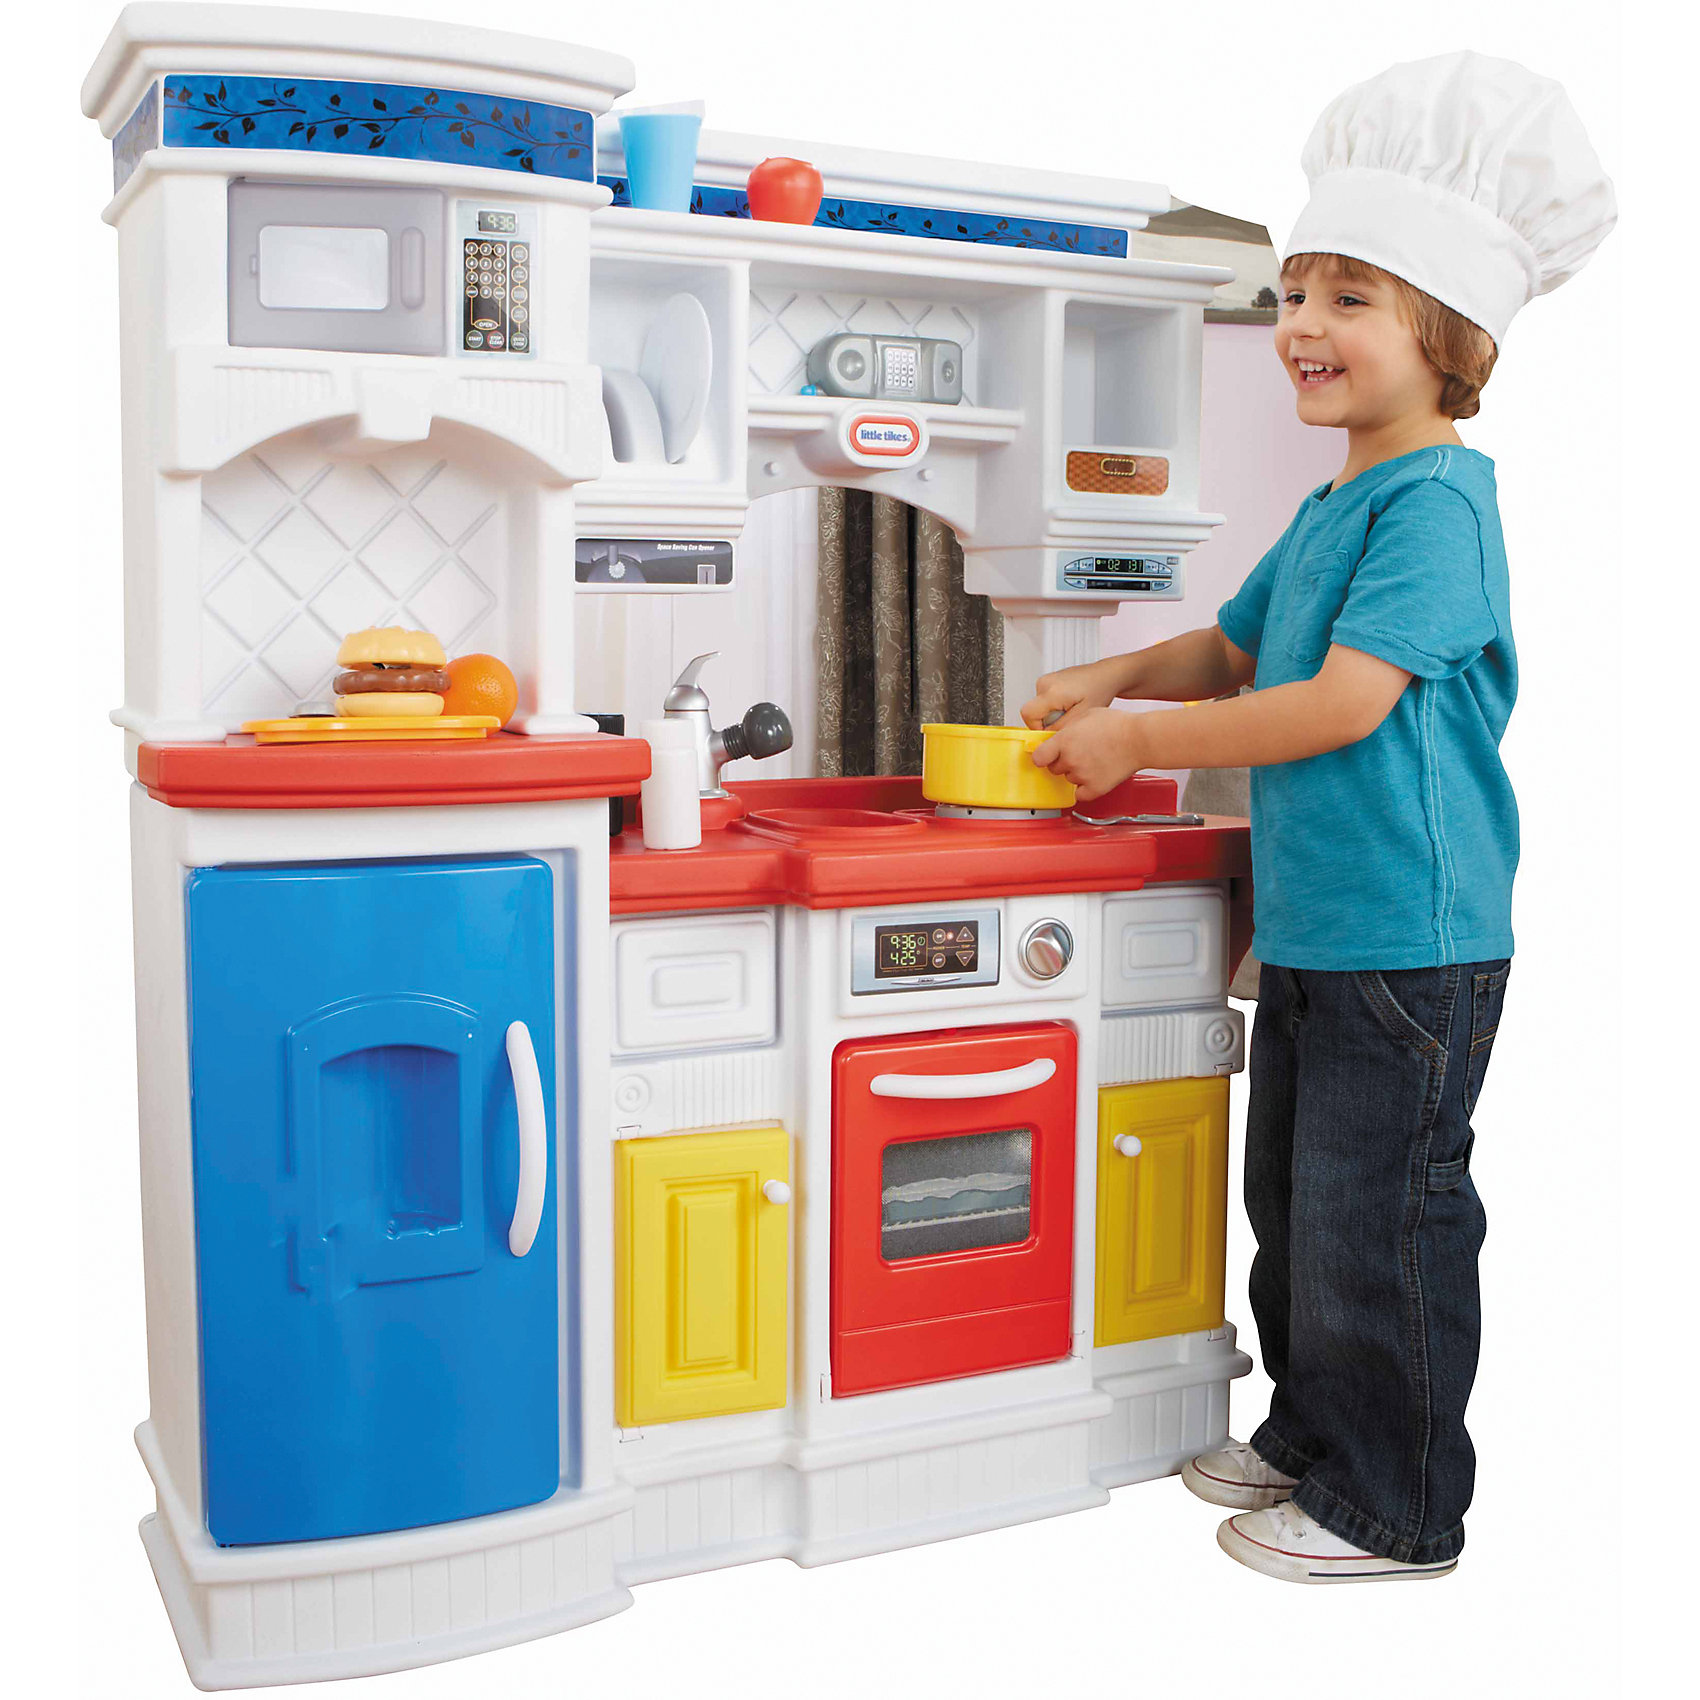 Кухня Гурман, Little TikesКухня Little Tikes Гурман предназначена для увлекательной сюжетно-ролевой игры, в ходе которой ребенок сможет почувствовать себя настоящим поваром. Кухня выполнена очень реалистично, предусмотрено множество различных функций и атрибутов: открываются дверки у холодильника, духового шкафа и микроволновой печи, поворачивается выключатель плиты, имеются звуковые эффекты. Кроме того, в комплект входят 18 различных аксессуаров (столовые приборы, посуда, коробочки и баночки для специй), которые сделают игру еще более увлекательной. Все элементы набора выполнены из высококачественного пластика и полностью безопасны для здоровья ребенка.<br>Компактная кухня легко собирается и разбирается, в собранном виде не займет много места - по окончании игры ее можно убрать в удобное для хранения место.<br><br>Дополнительная информация:<br><br>- Материал: пластик.<br>- Размер: 103 х 24 х 105 см.<br>- Комплектация: кухня, 18 аксессуаров. <br>- Звуковые эффекты.<br>- Элемент питания: 2 АА батарейки (не входят в комплект).<br><br>Кухню Гурман, Little Tikes (Литл Тайкс), можно купить в нашем магазине.<br><br>Ширина мм: 560<br>Глубина мм: 610<br>Высота мм: 900<br>Вес г: 1386<br>Возраст от месяцев: 36<br>Возраст до месяцев: 72<br>Пол: Унисекс<br>Возраст: Детский<br>SKU: 4724041